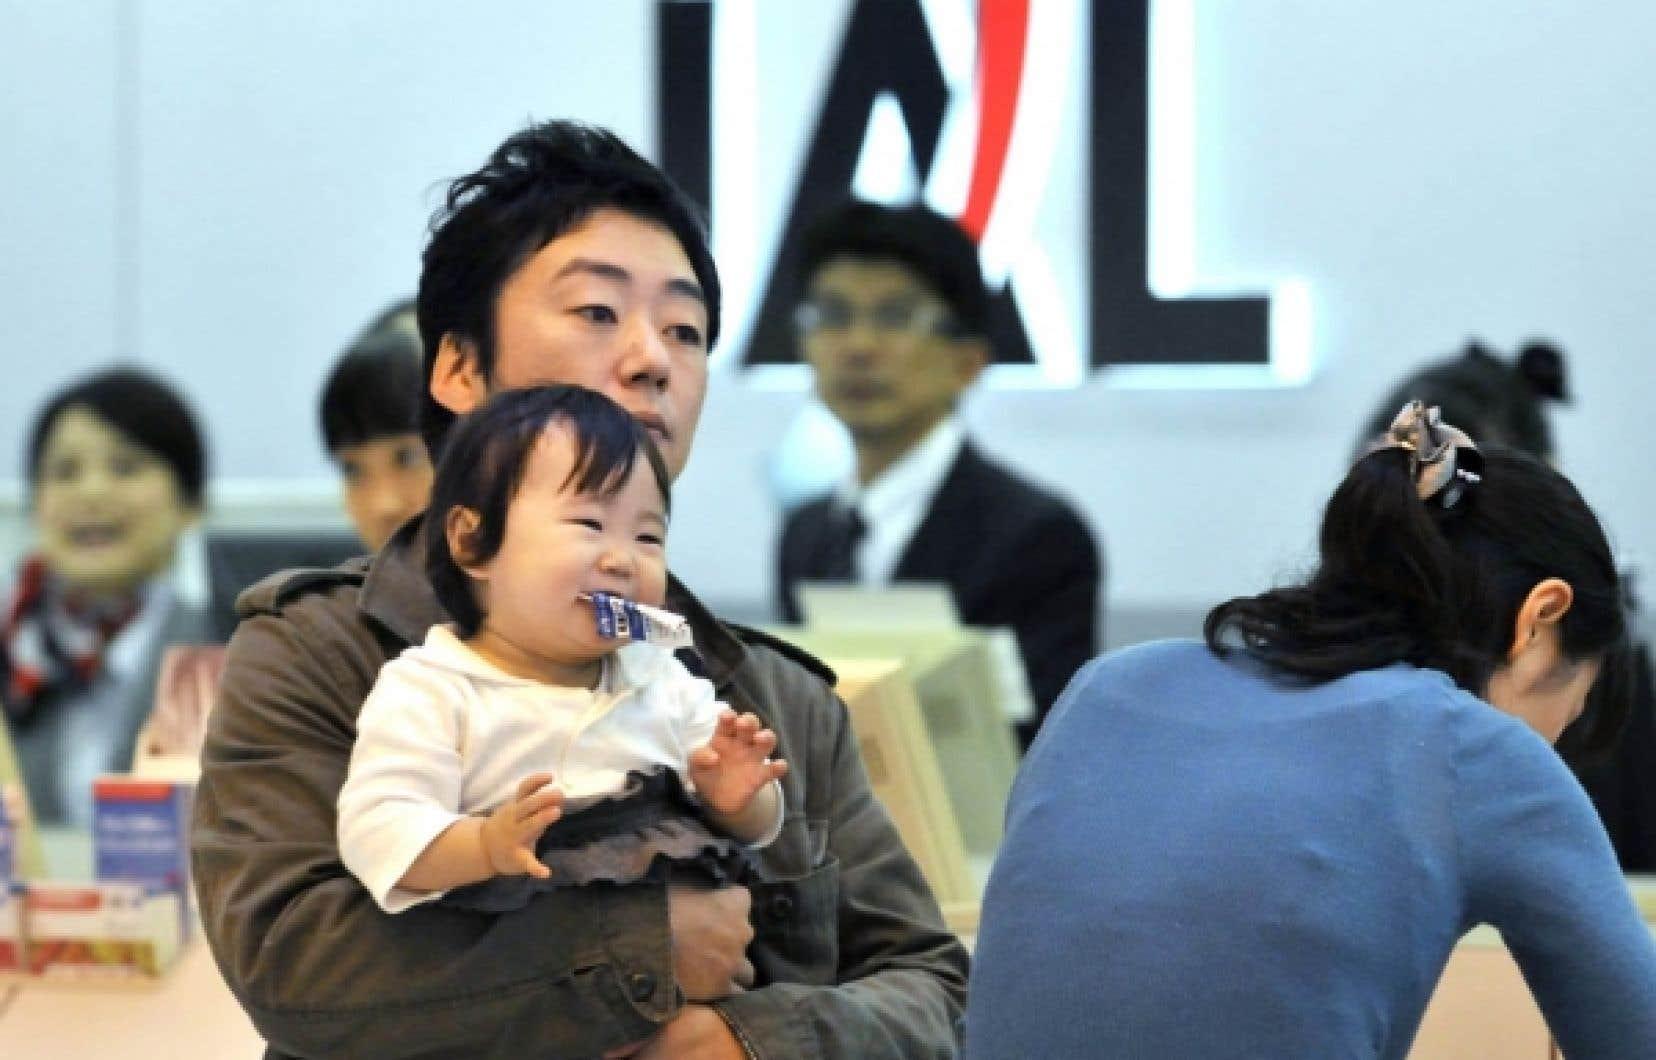 Des passagers attendent leur enregistrement au comptoir de Japan Airlines. Depuis des semaines, American Airlines et Delta Air Lines se disputent âprement les faveurs de JAL, en quasi-faillite et sous tutelle publique, mais qui détient une place stratégique en Asie.